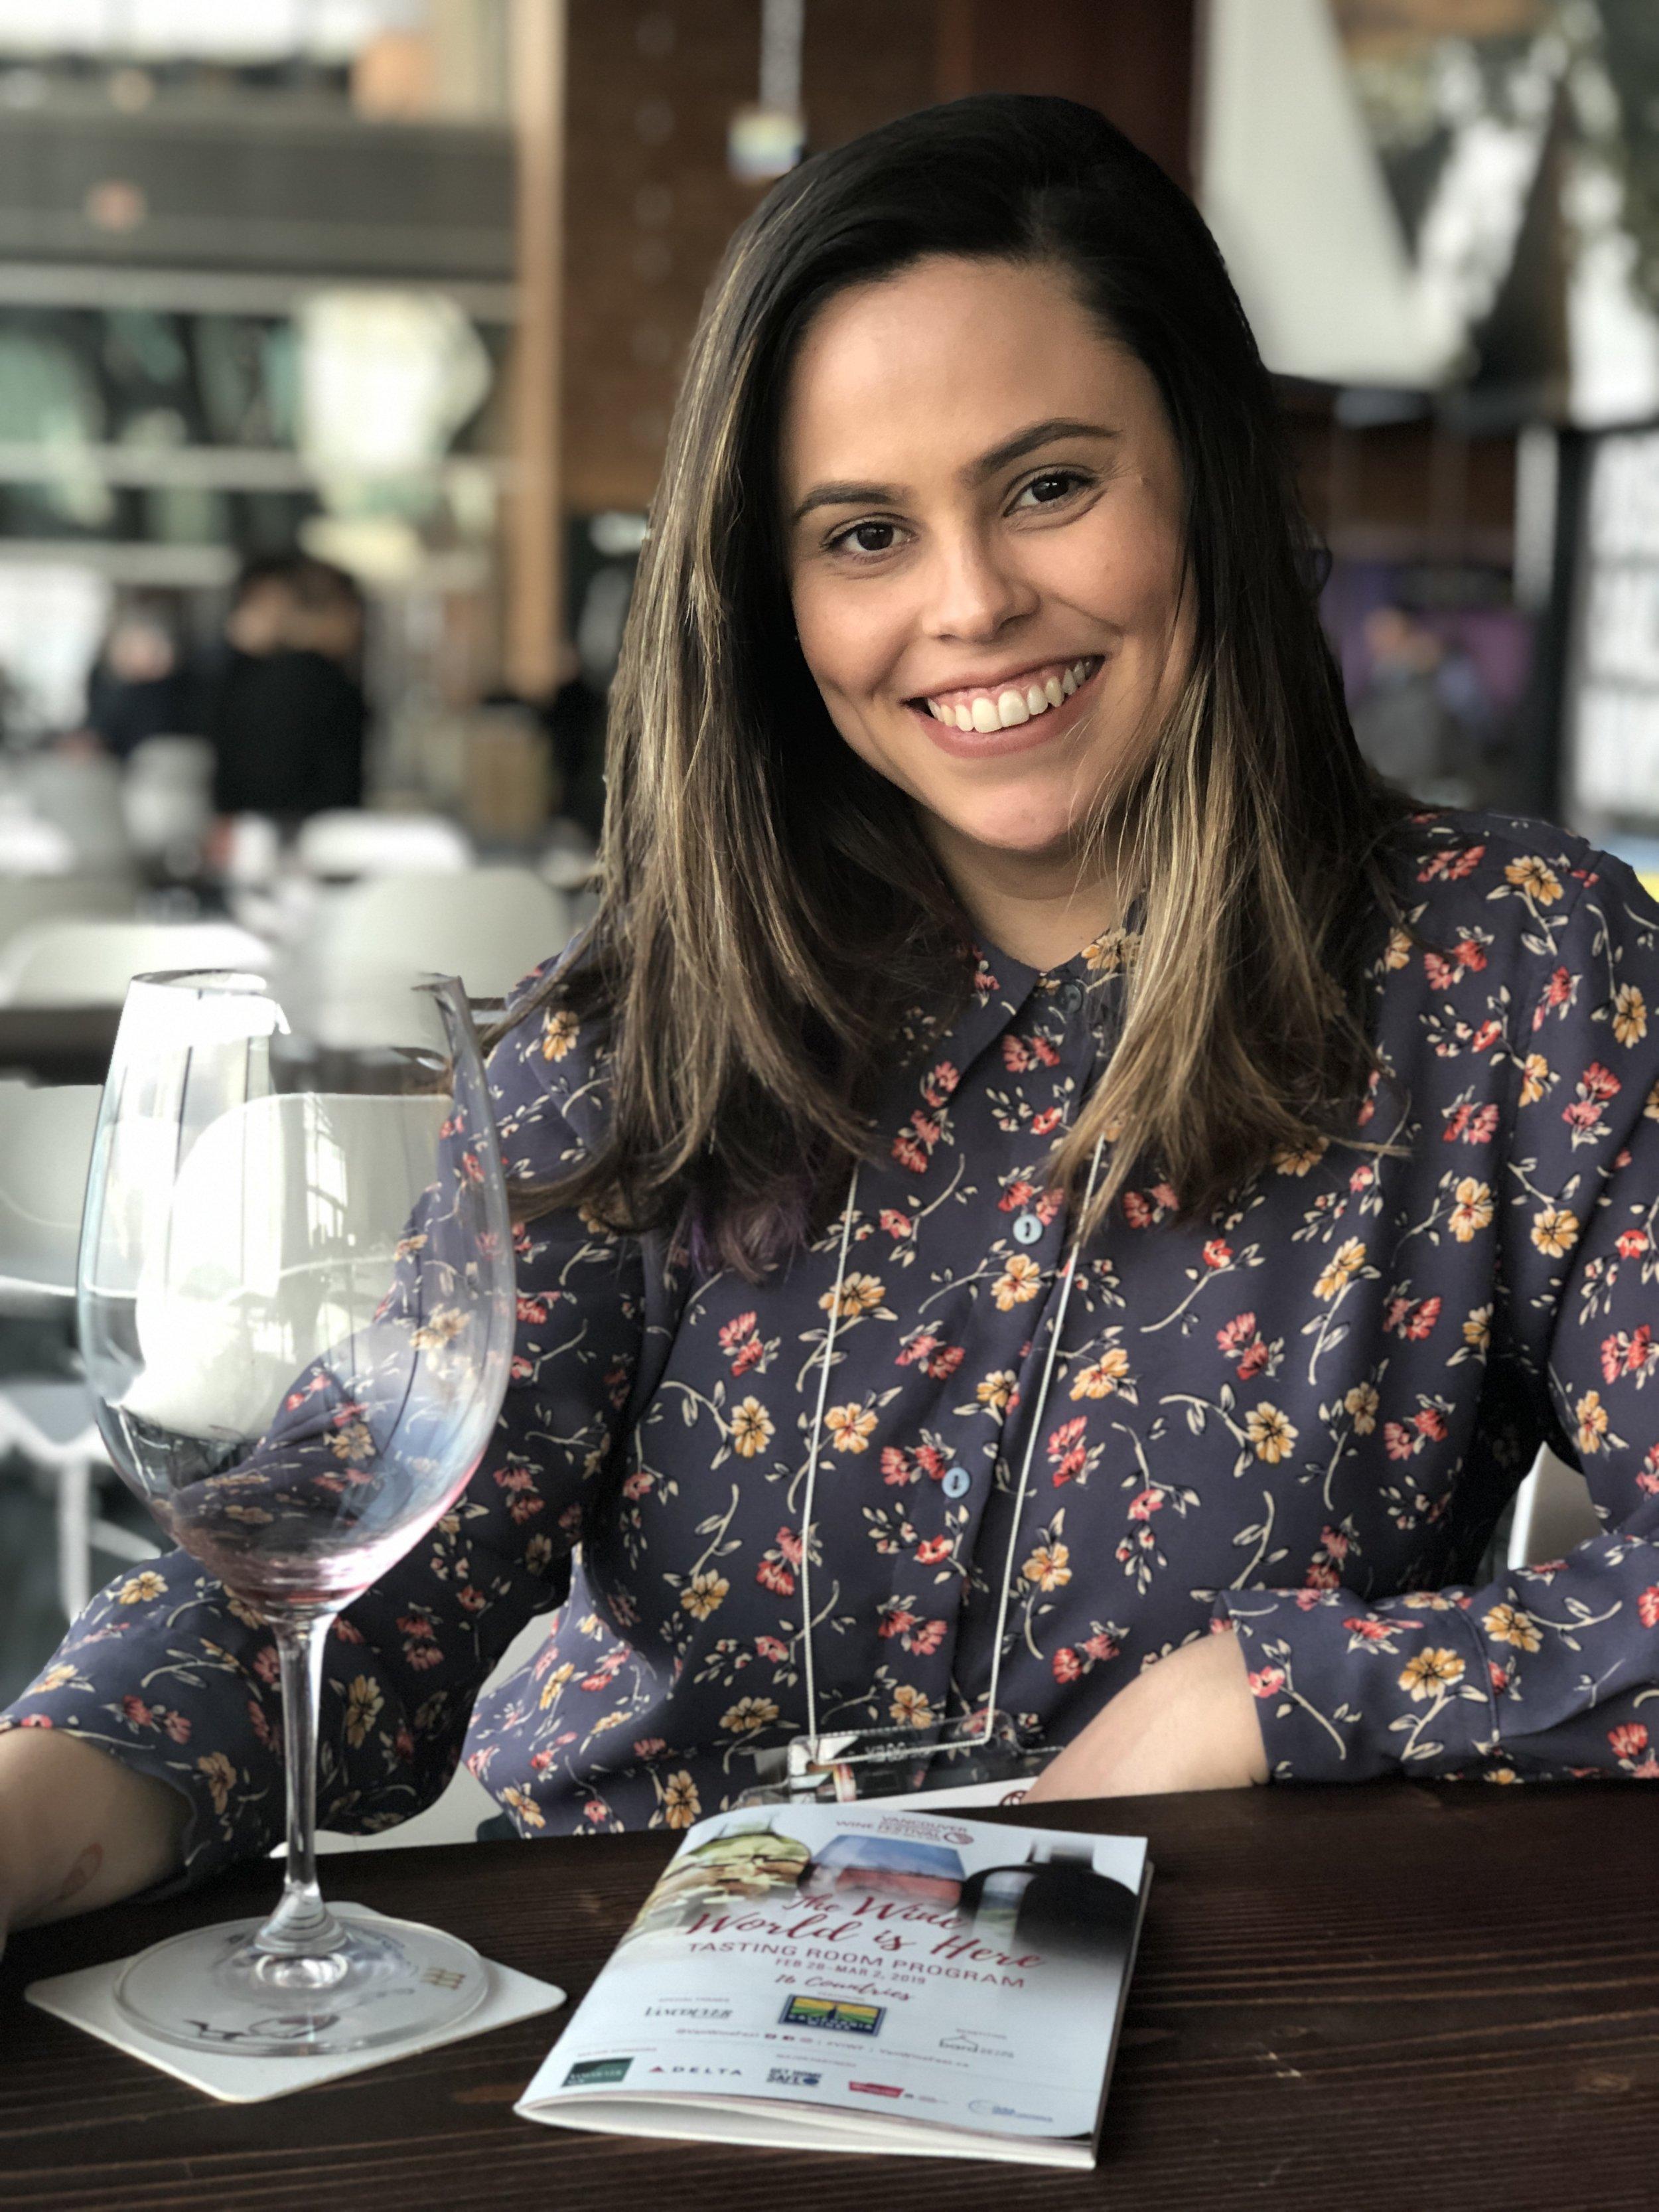 Giulia Sa Barreto - Photo credit Maddie Clerides